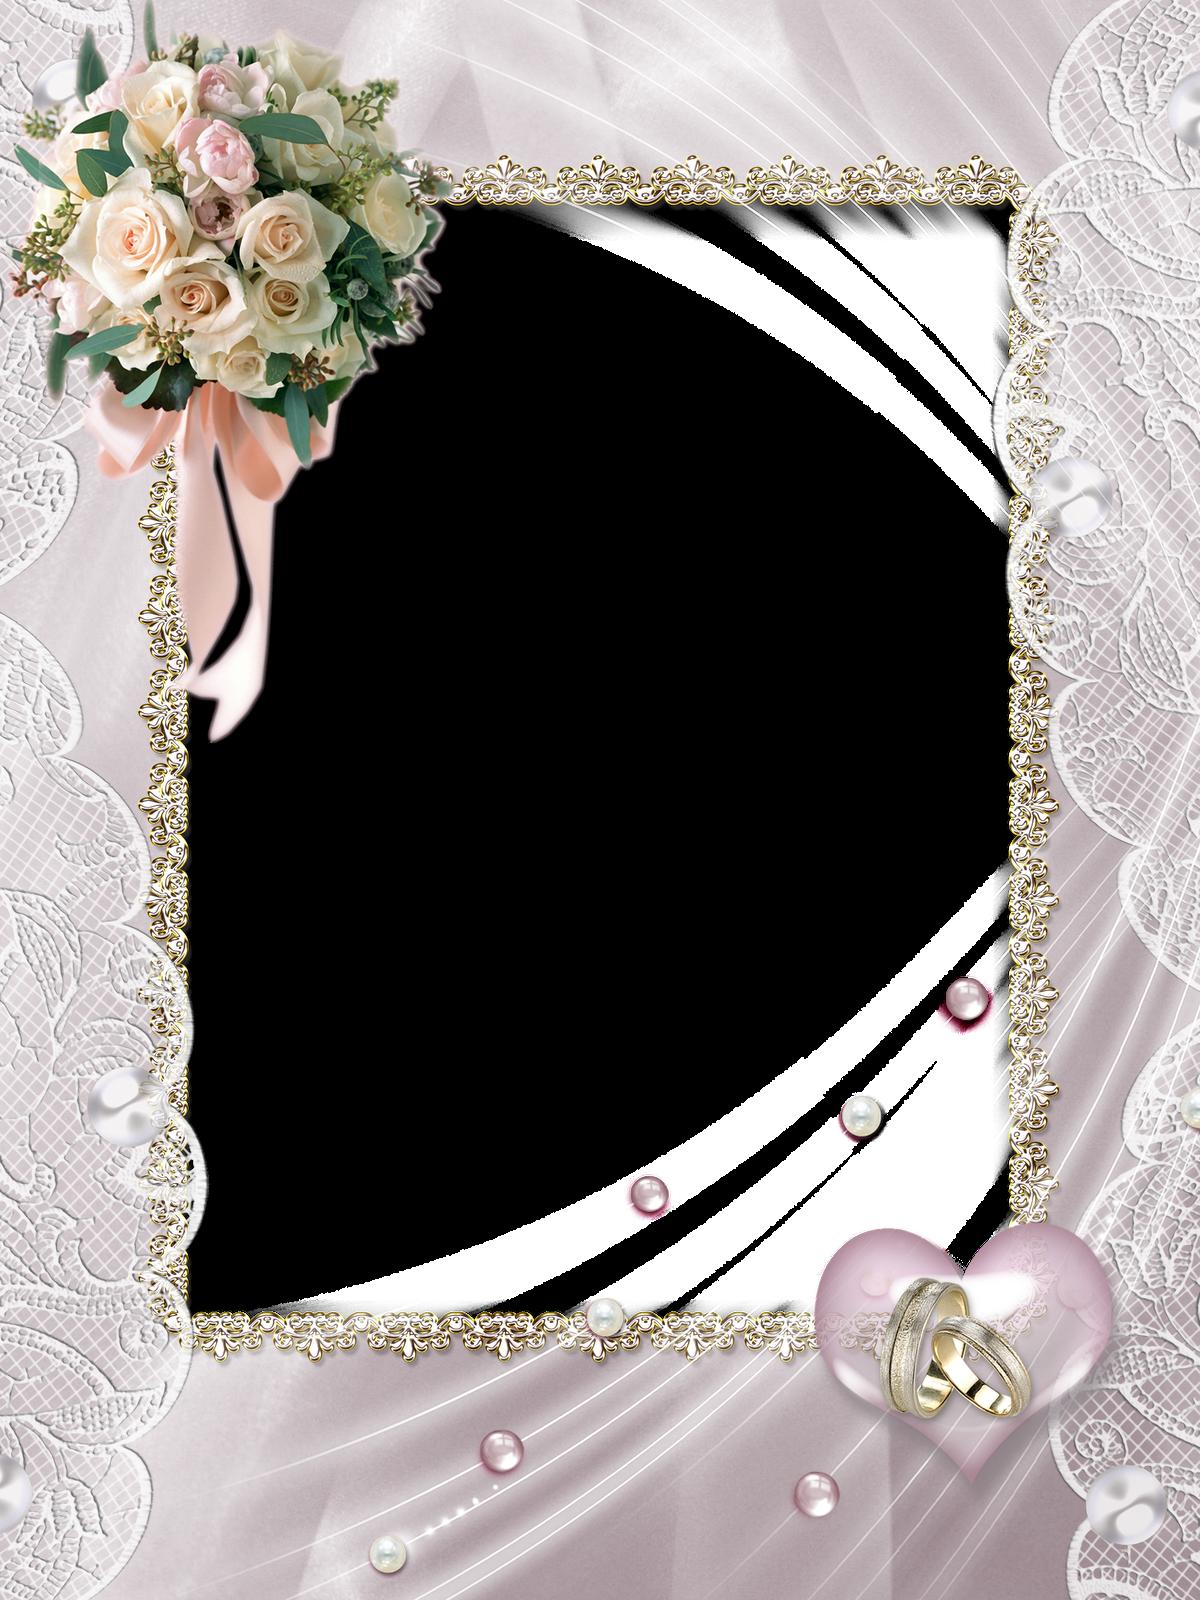 Resultado de imagen para marco de boda minions frame wedding photos y wedding frames - Marcos de plata para bodas ...